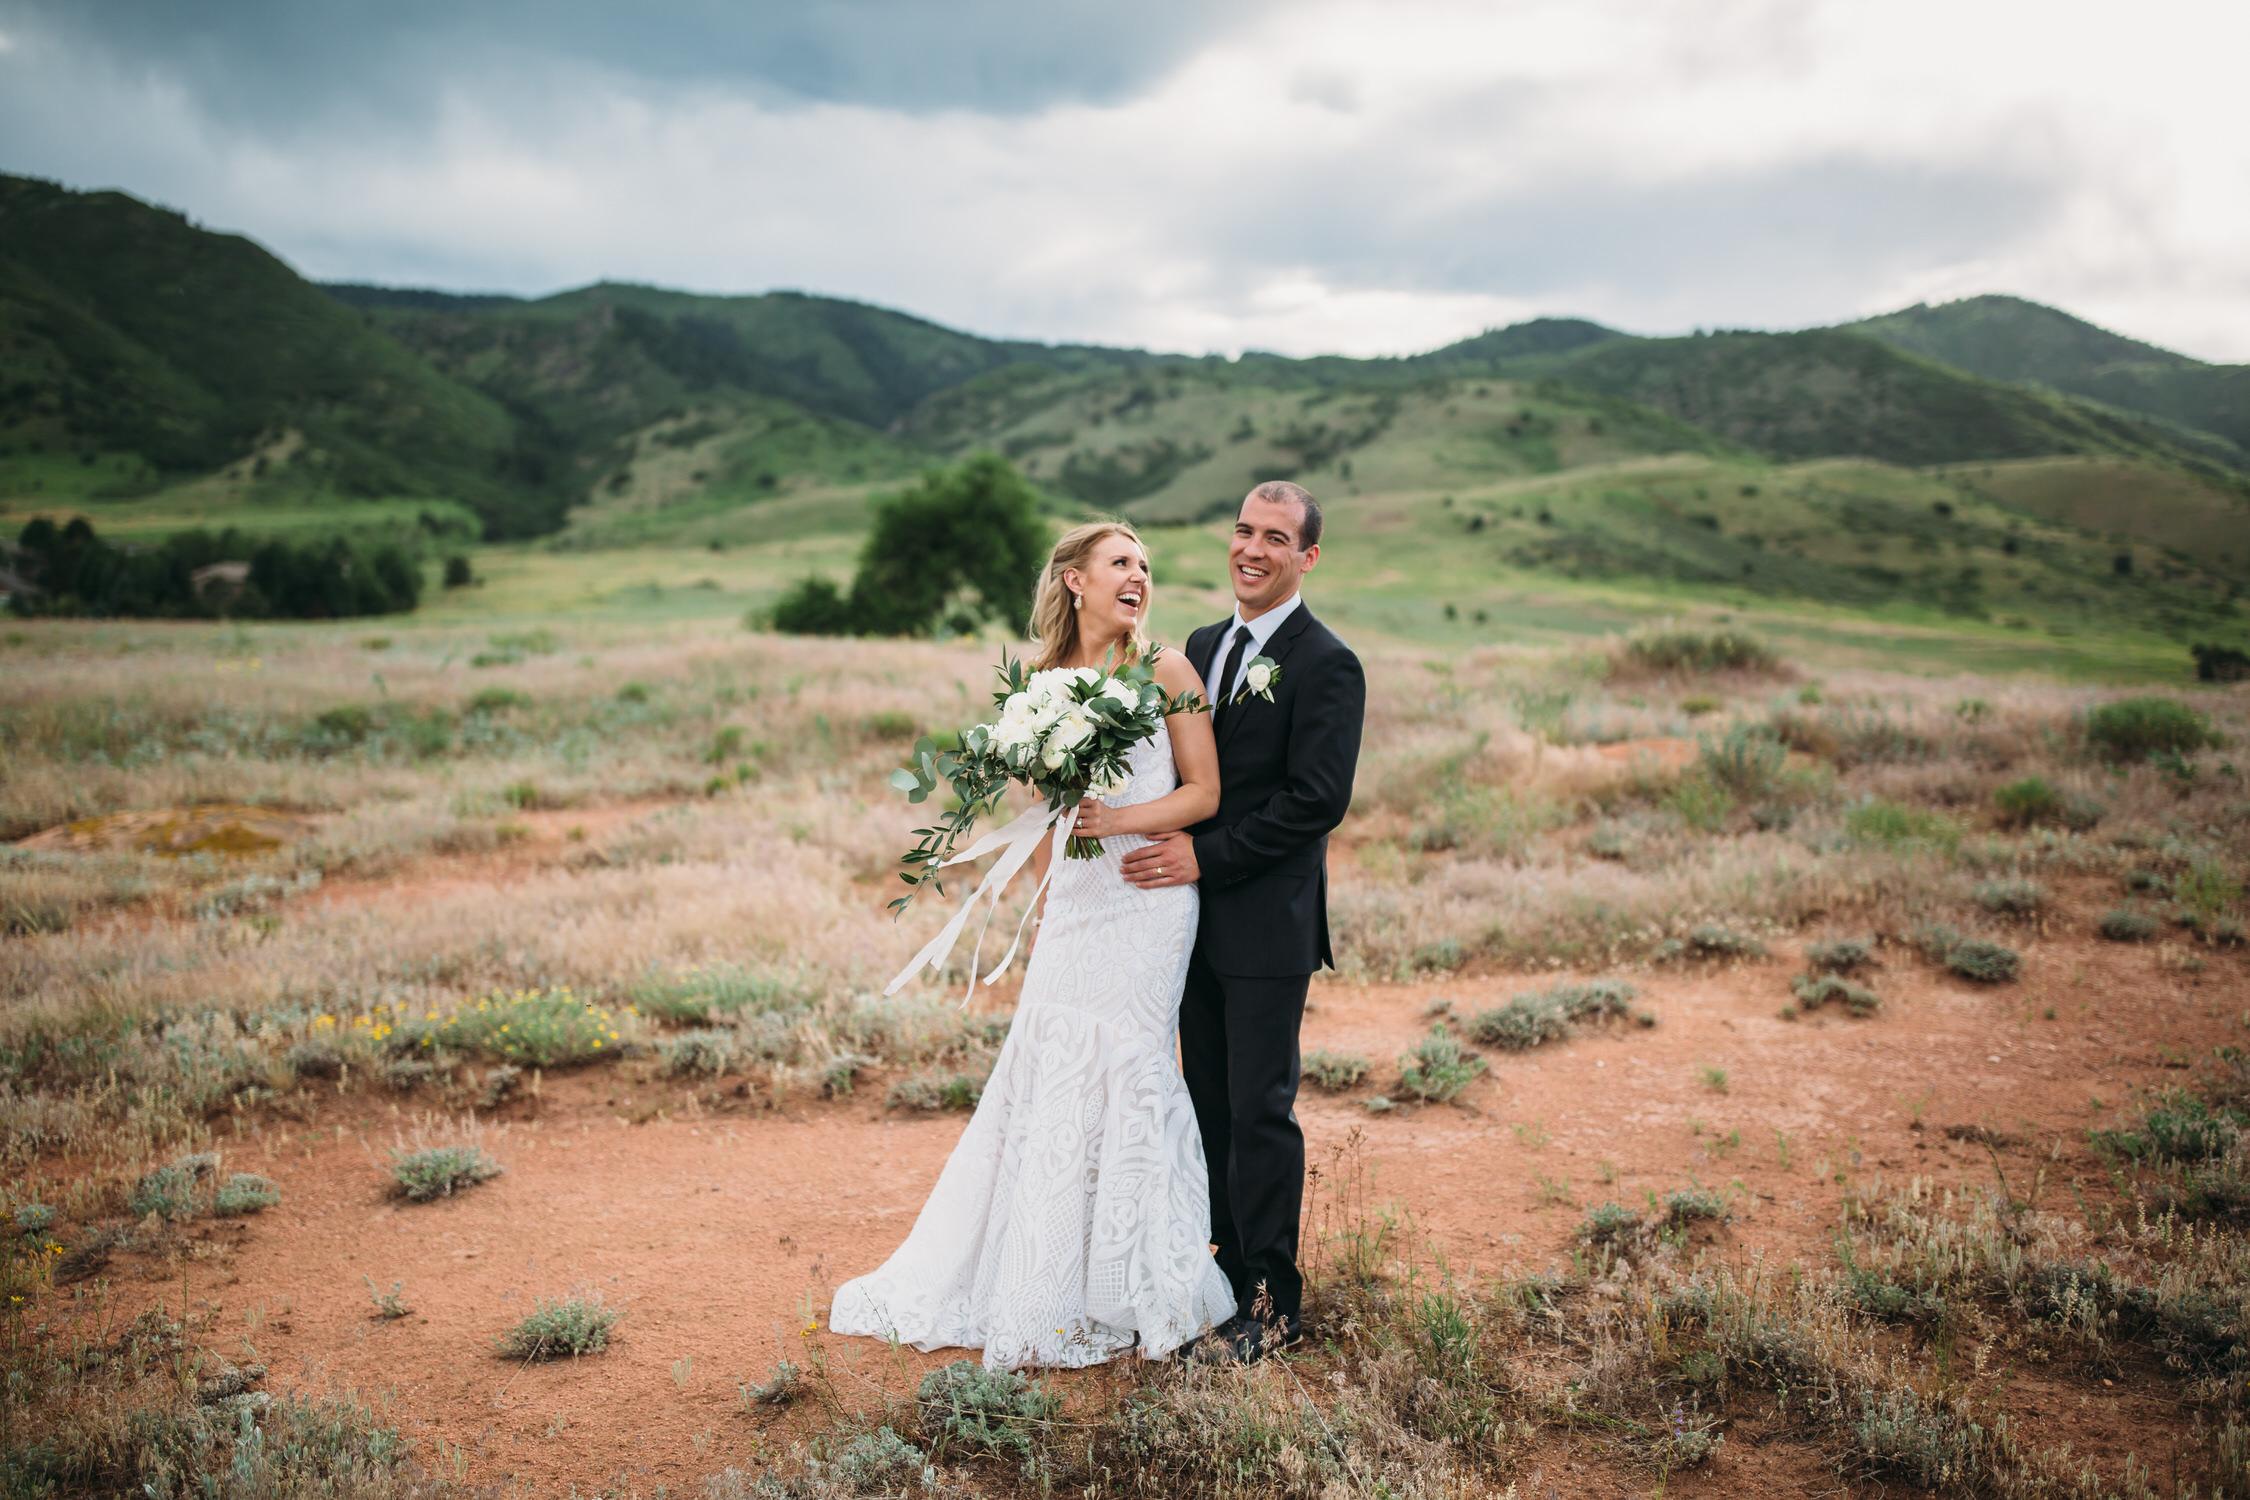 Colorado Mountain Wedding, Manor House LIttleton Colorado